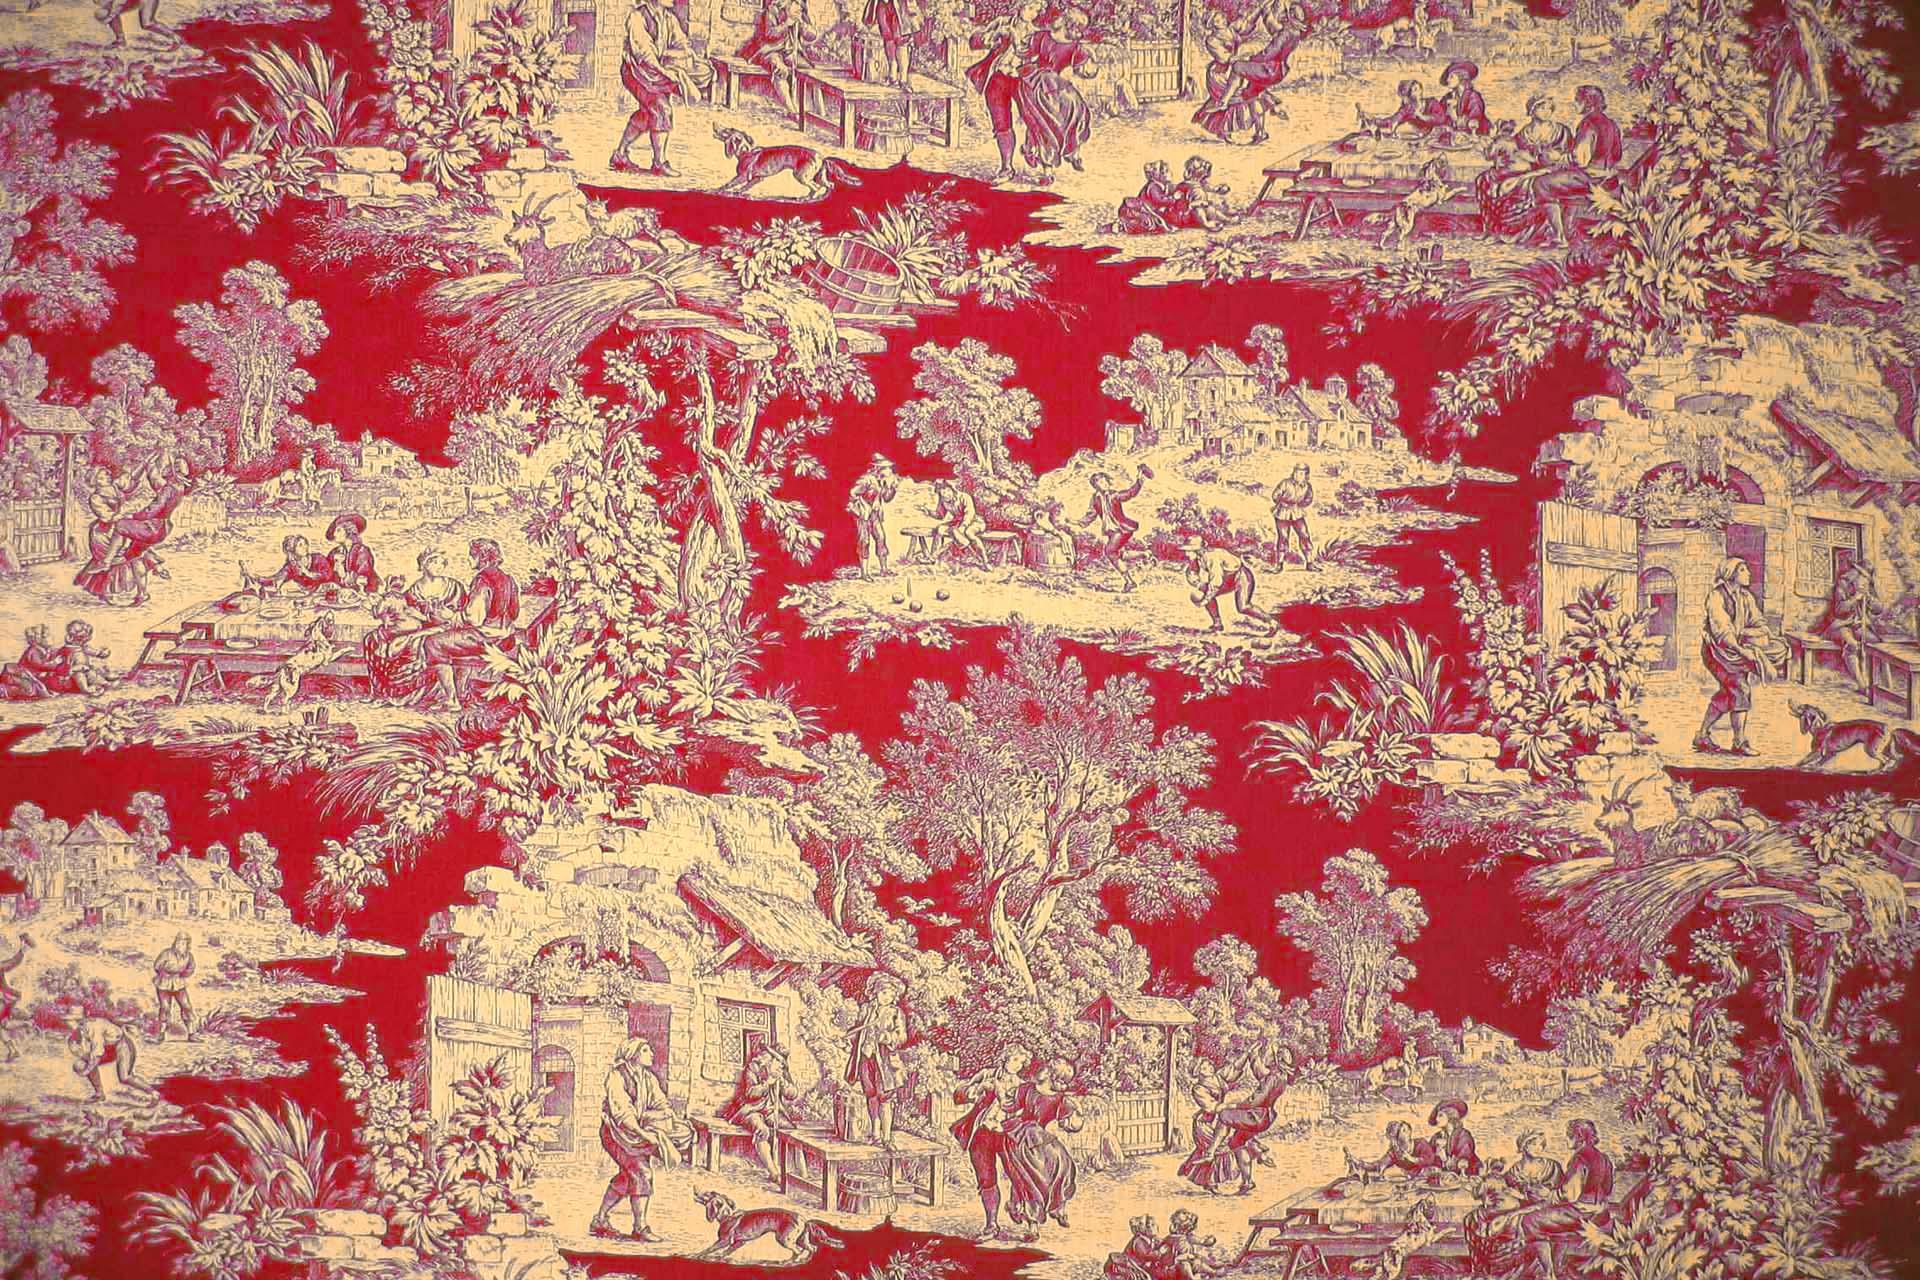 papier peint toile de jouy bluewhite toiledejouy papier peint et rideaux et bedlinen dans pays. Black Bedroom Furniture Sets. Home Design Ideas